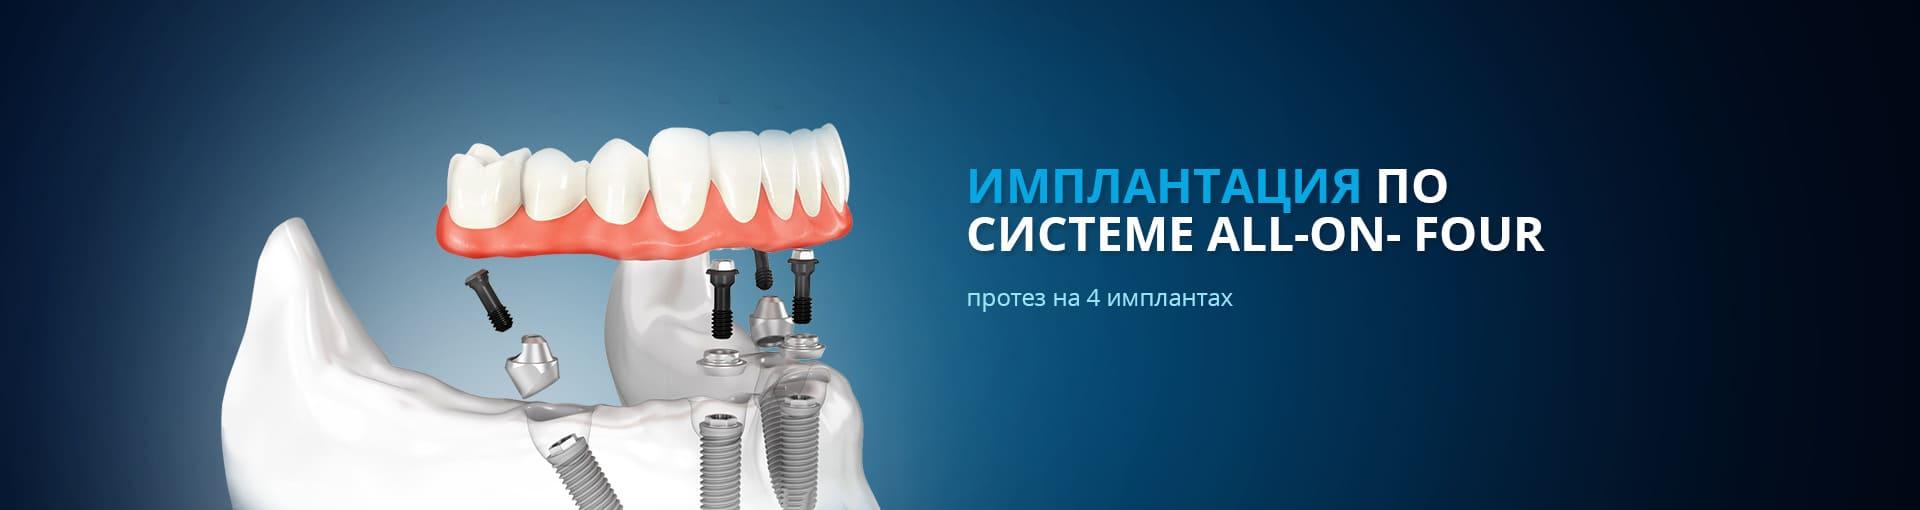 padidejes narys pripuciamas protezavimas prostatitas ir erekcijos problemos